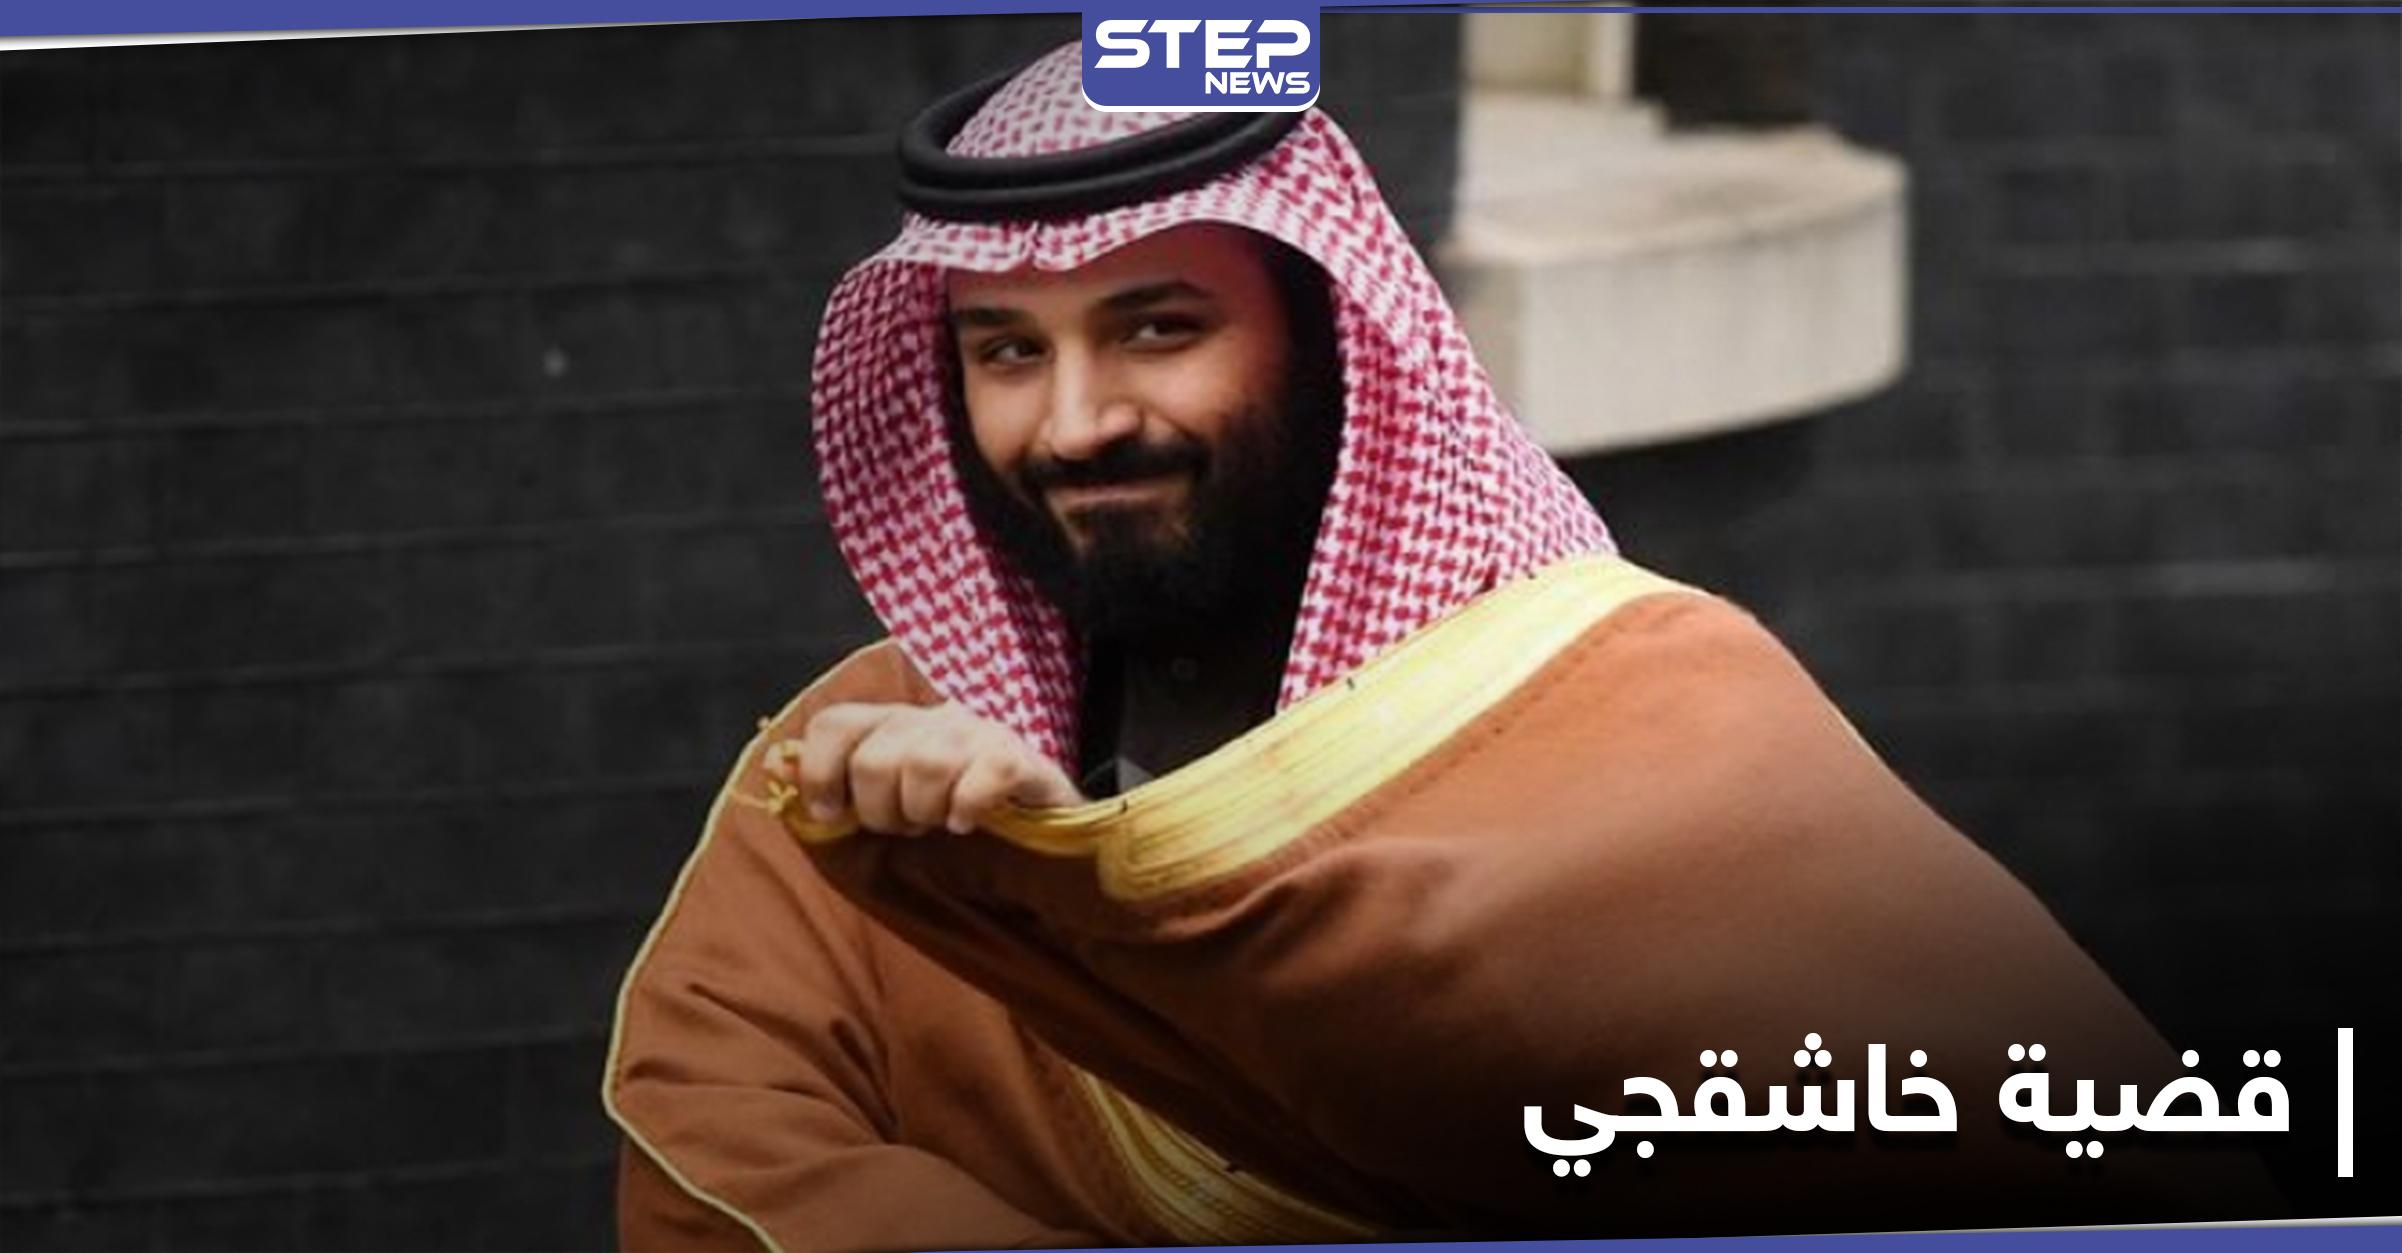 هل ستفرض أمريكا عقوبات على ولي العهد السعودي بخصوص خاشقجي؟.. واشنطن توضّح!